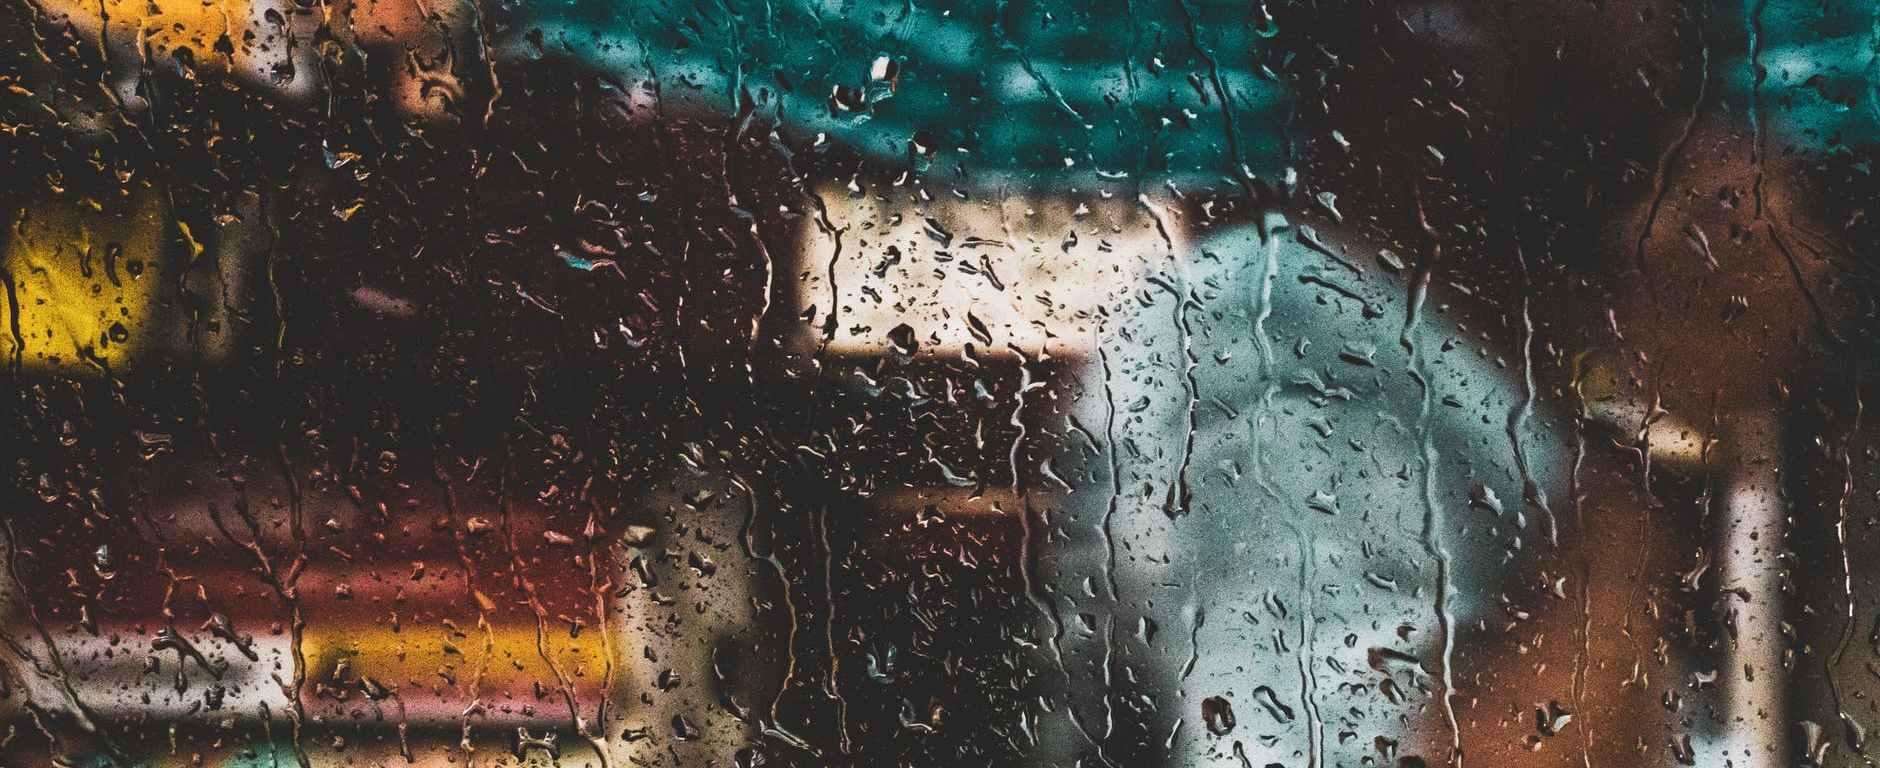 Επηρεάζει ο καιρός την ψυχολογική μας διάθεση; Μαρίνα Μόσχα